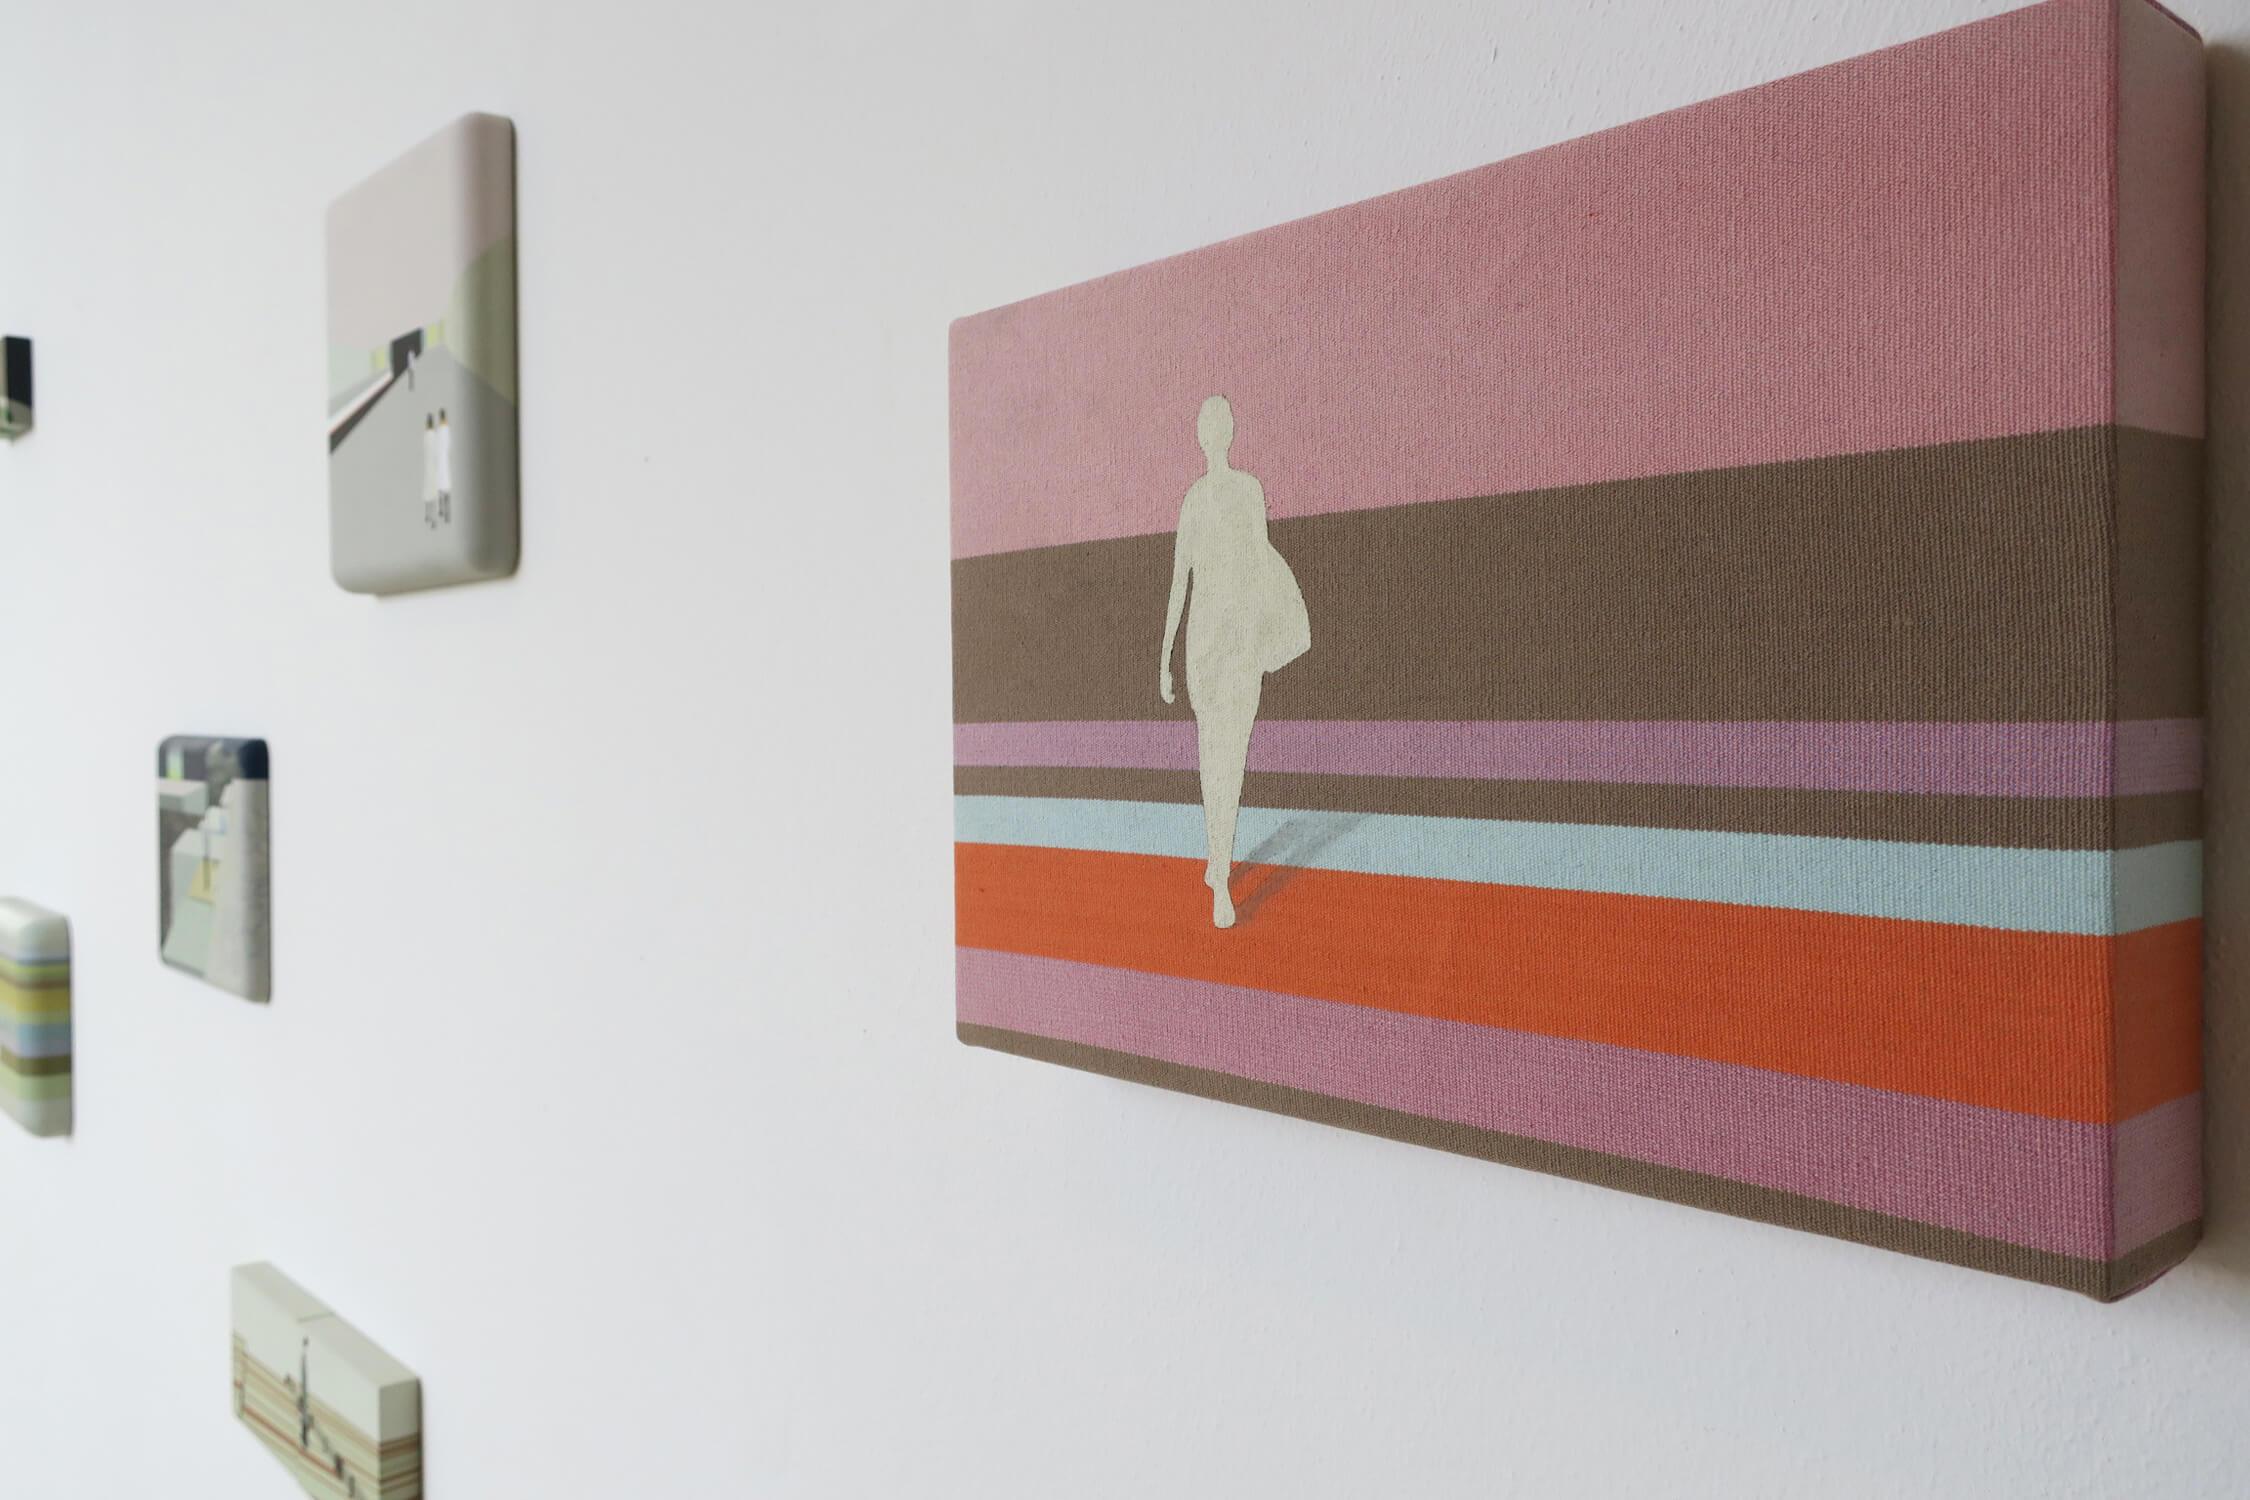 Kunstwerk - Sammlung Klein - Nussdorf - Museum - Kunst - Art - Baden-Württemberg - Anna Ingerfurth